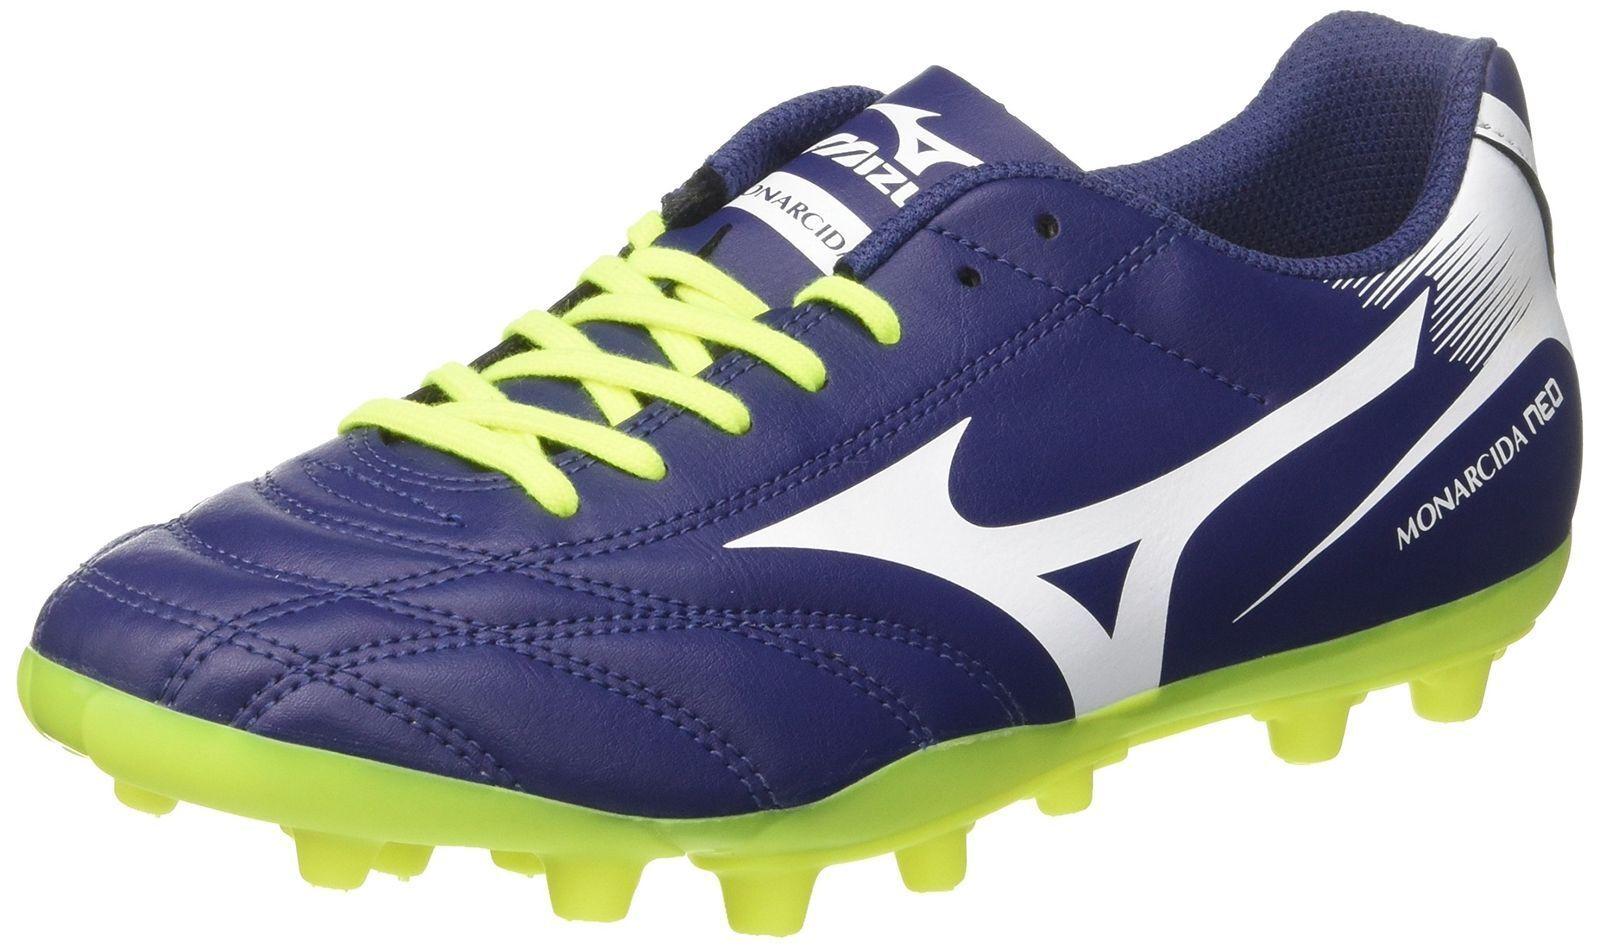 ecd94ed90 MIZUNO MONARCIDA NEO AG blue BIANCO P1GA172502 shoes calcio calcetto  ORIGINALI